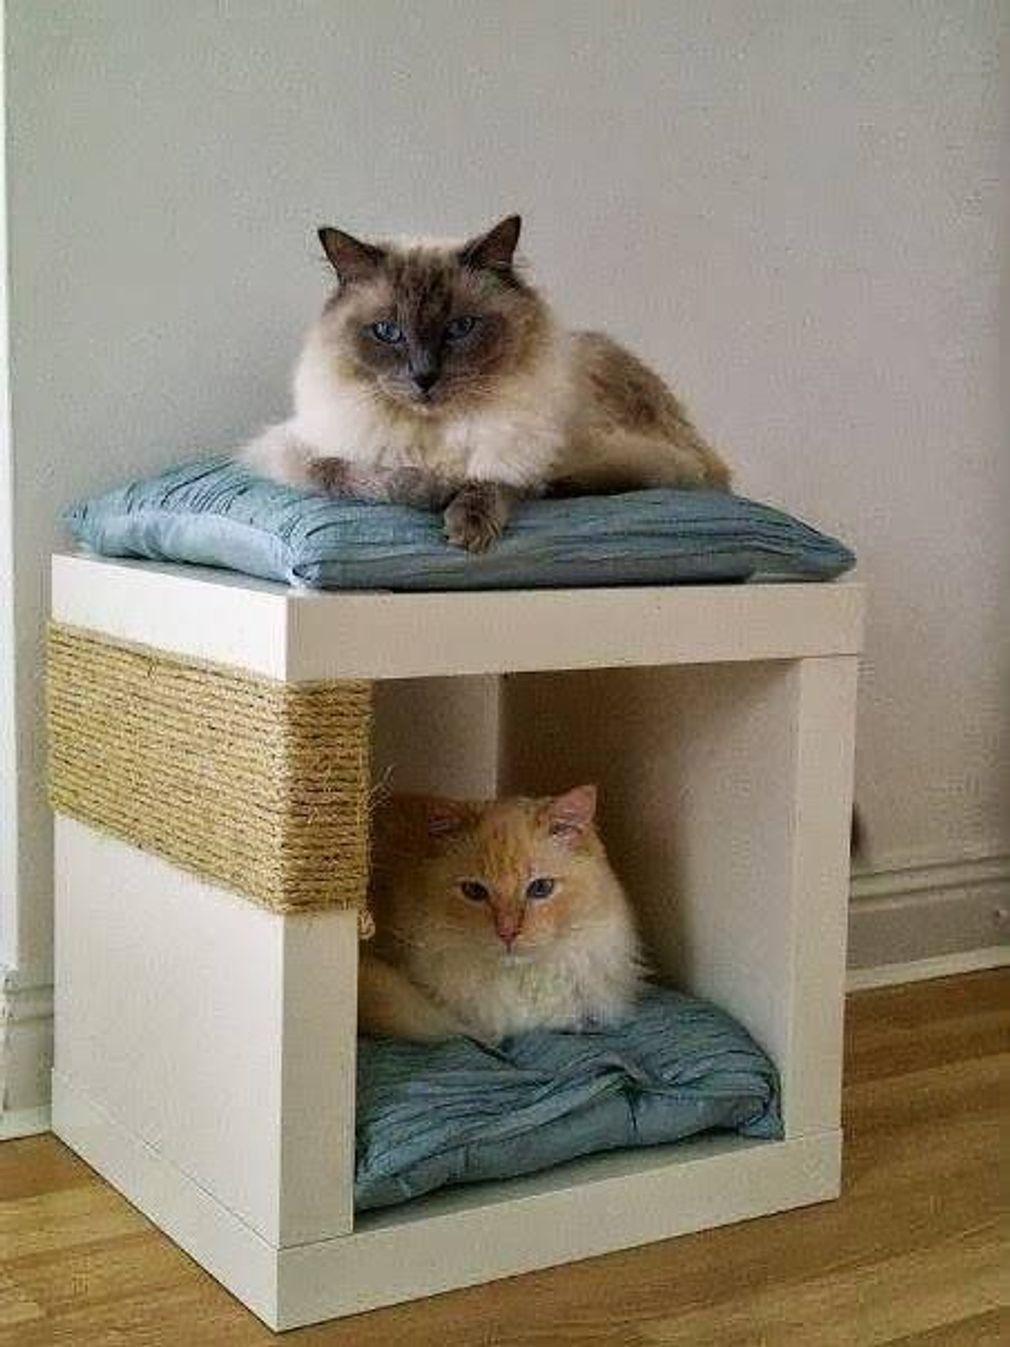 Comment Construire Un Arbre À Chat arbre a chat - arbre à chat meuble | grattoir pour chat